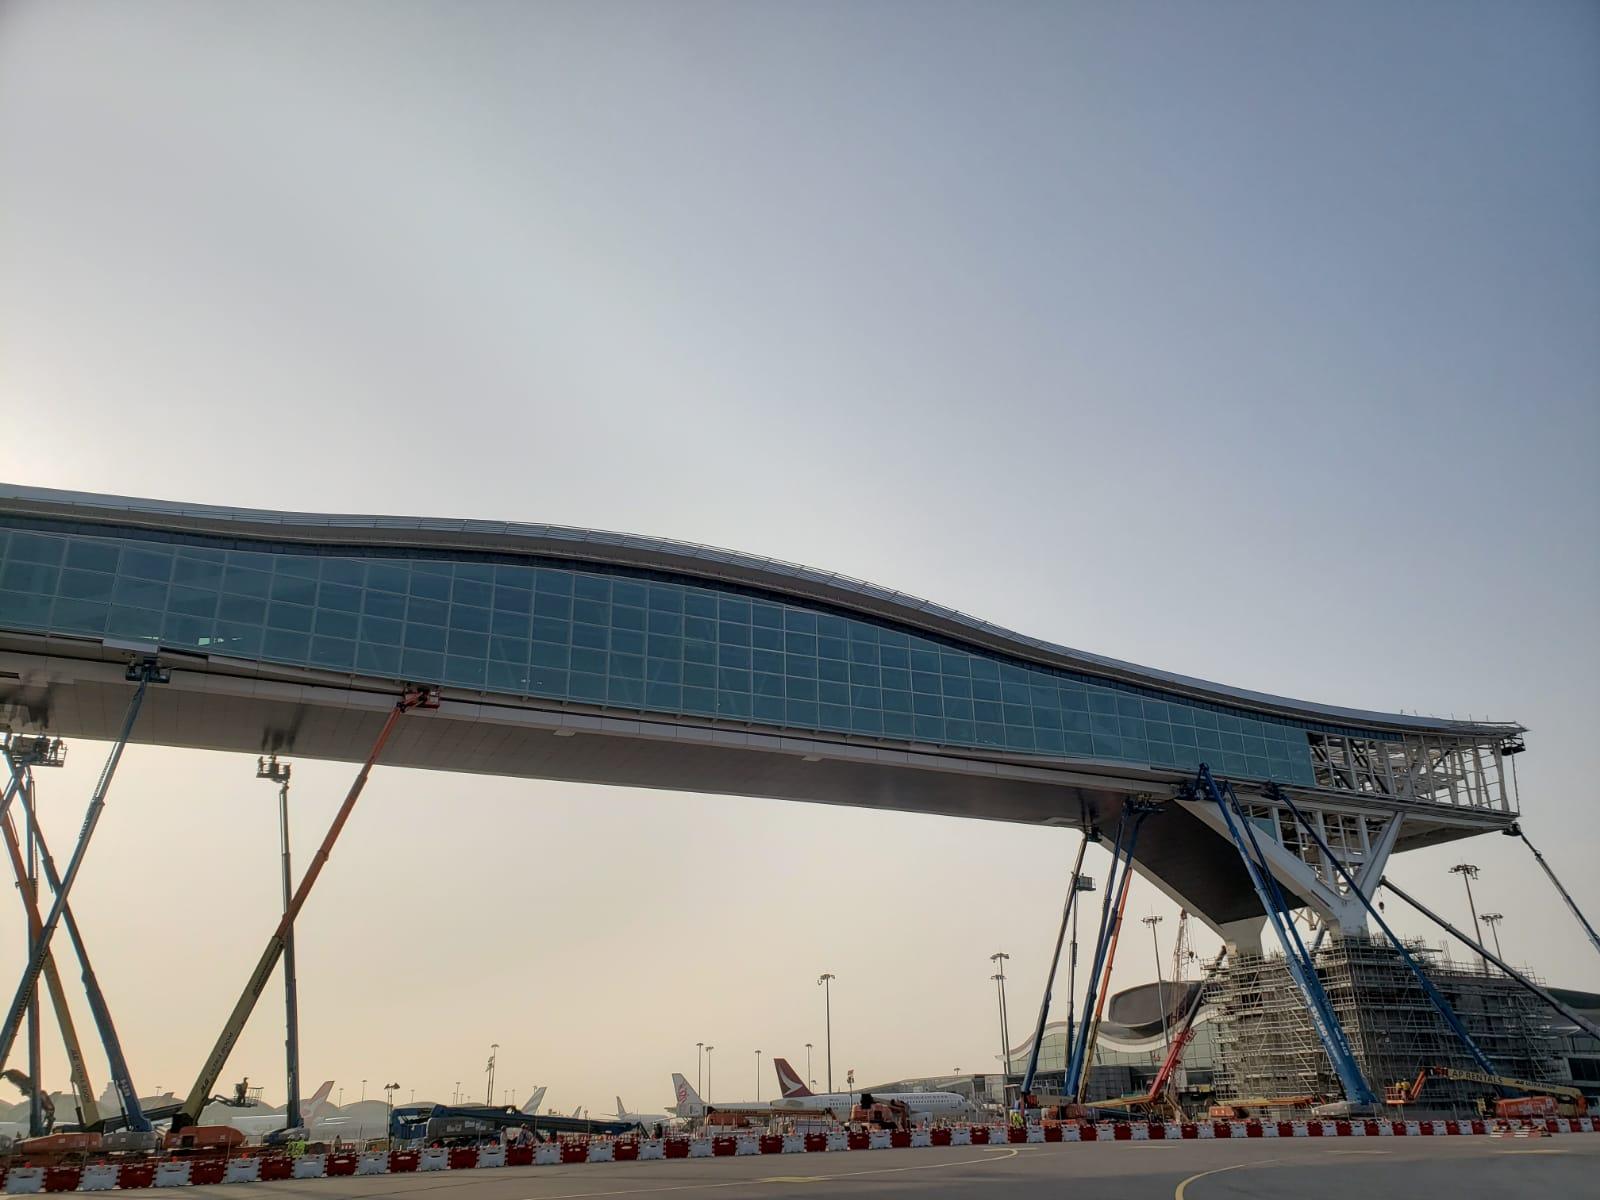 机管局建200米禁区行人天桥 料今年启用成全球最长